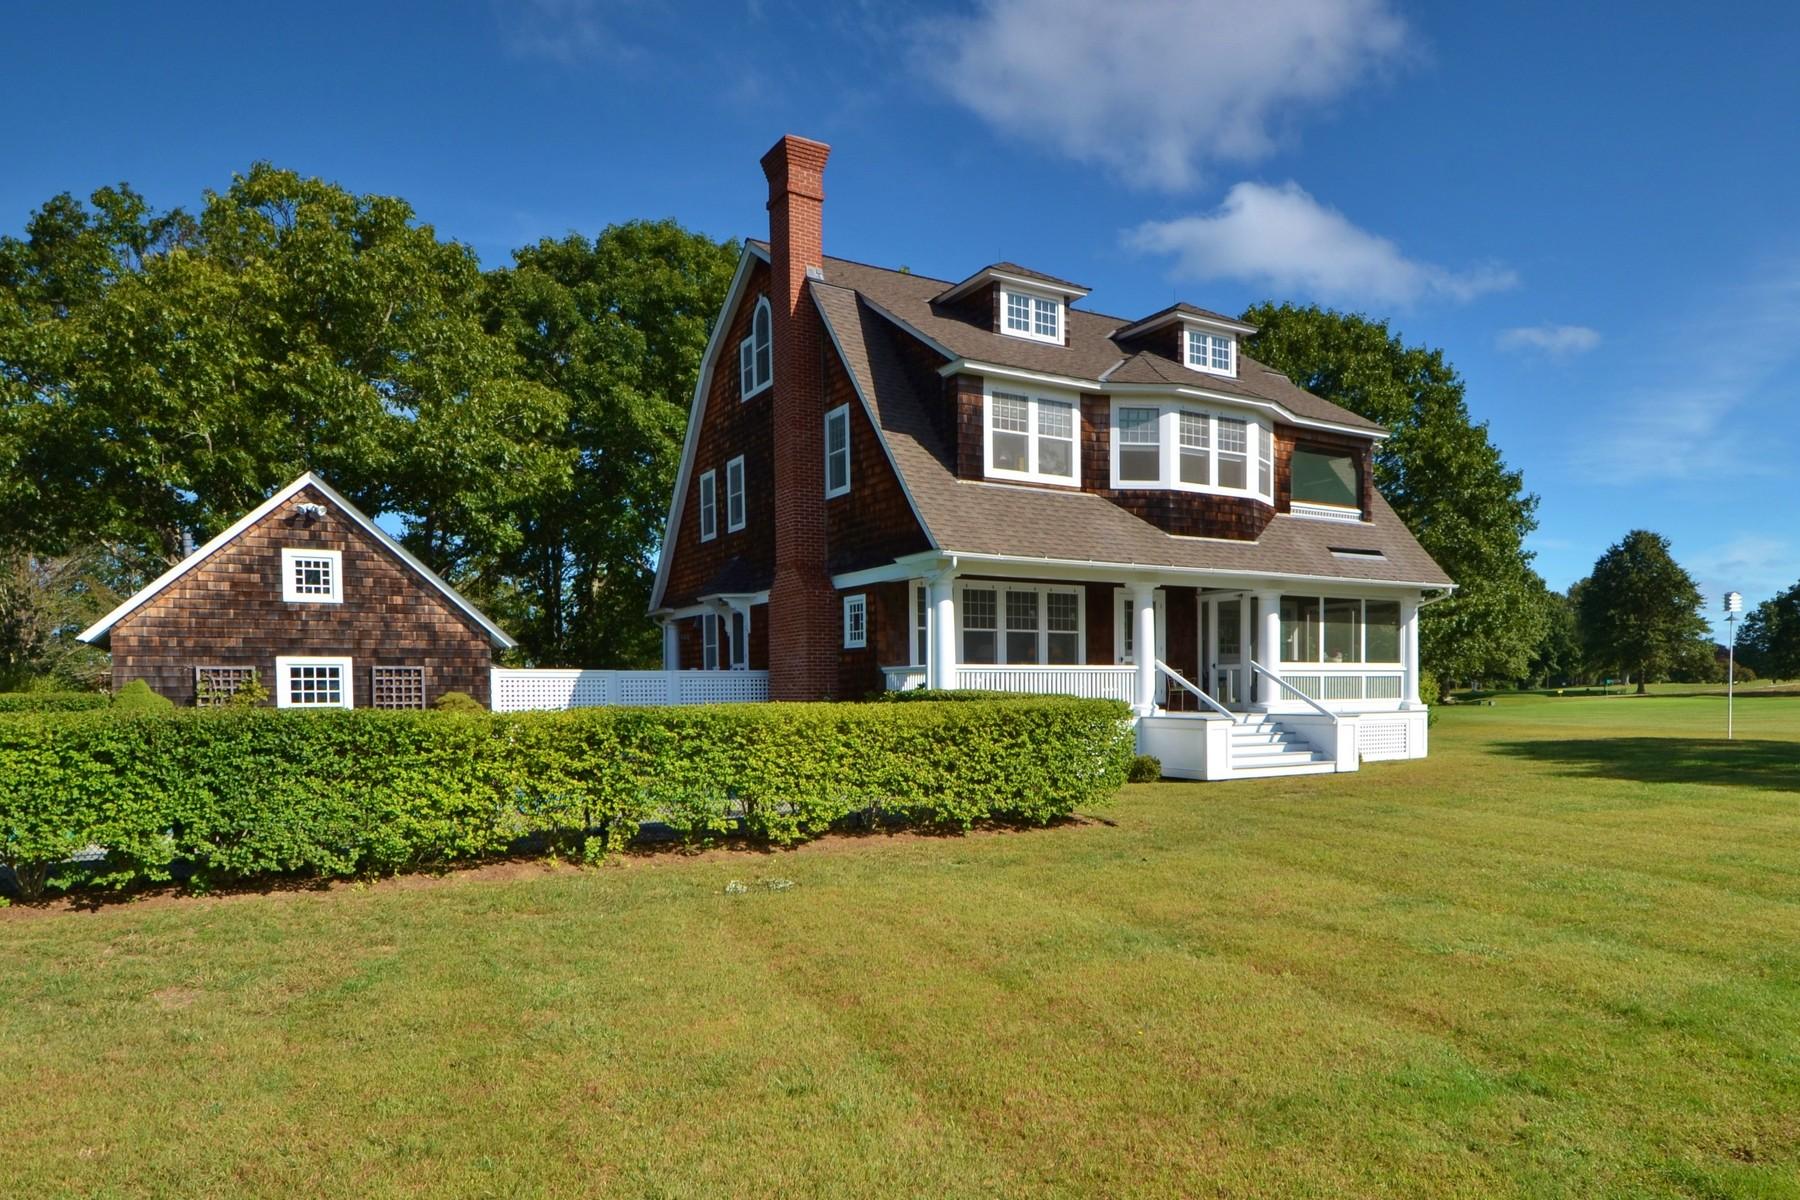 Maison unifamiliale pour l Vente à Fenwick Gem First Time on the Market 549 Maple Ave Old Saybrook, Connecticut, 06475 États-Unis